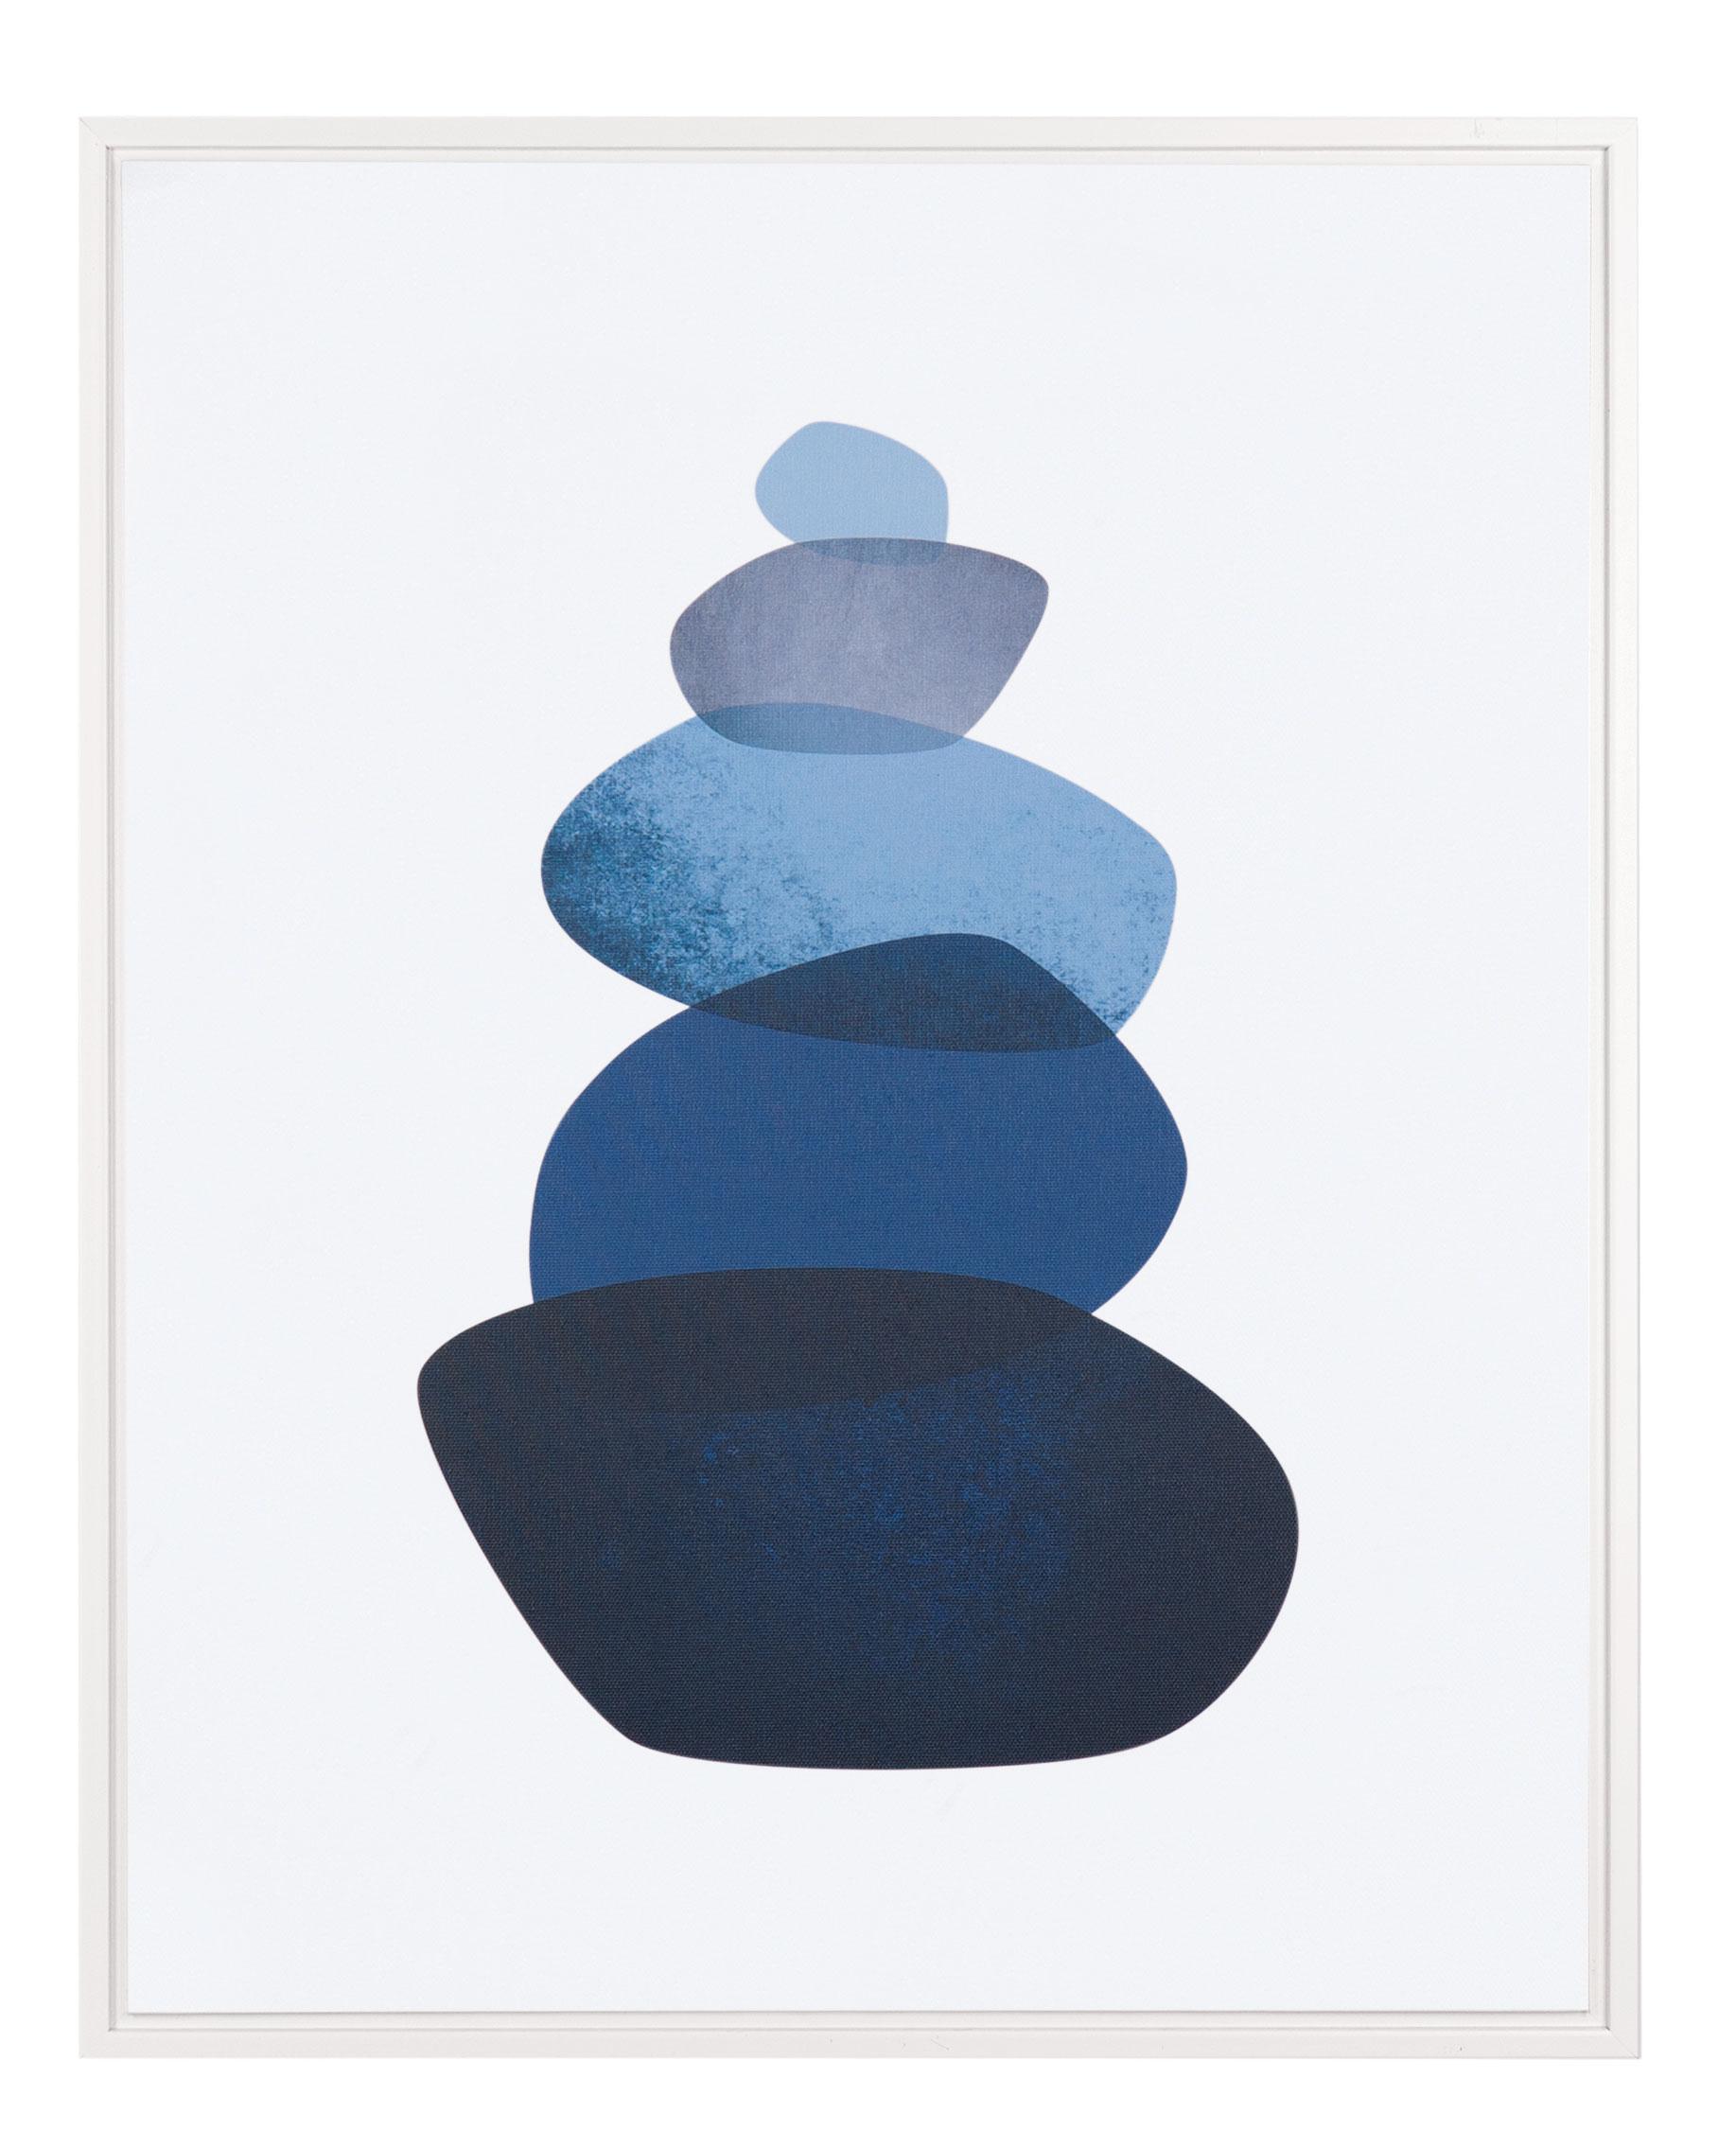 Quadro Pedras Azul e Branco 50cm x 40cm x 2,5cm